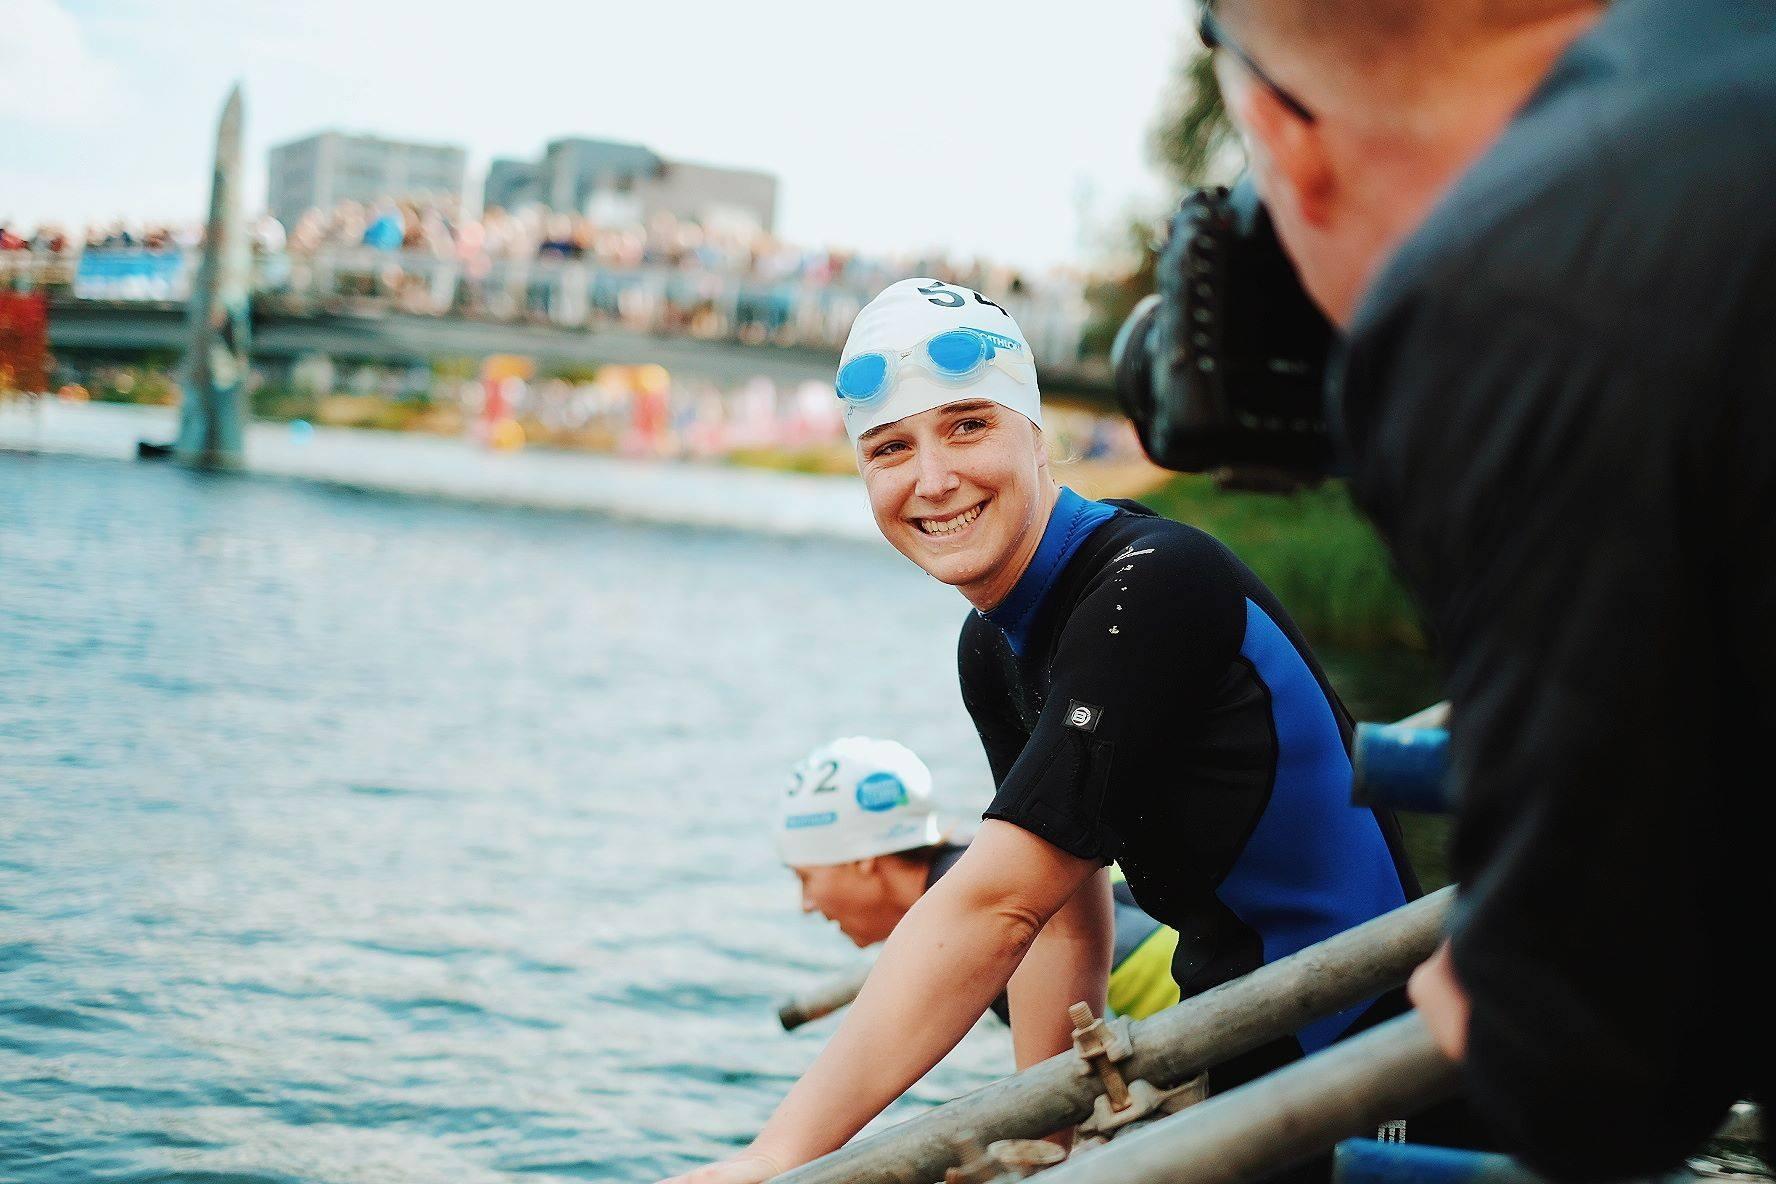 Inschrijven voor Swim to Fight Cancer